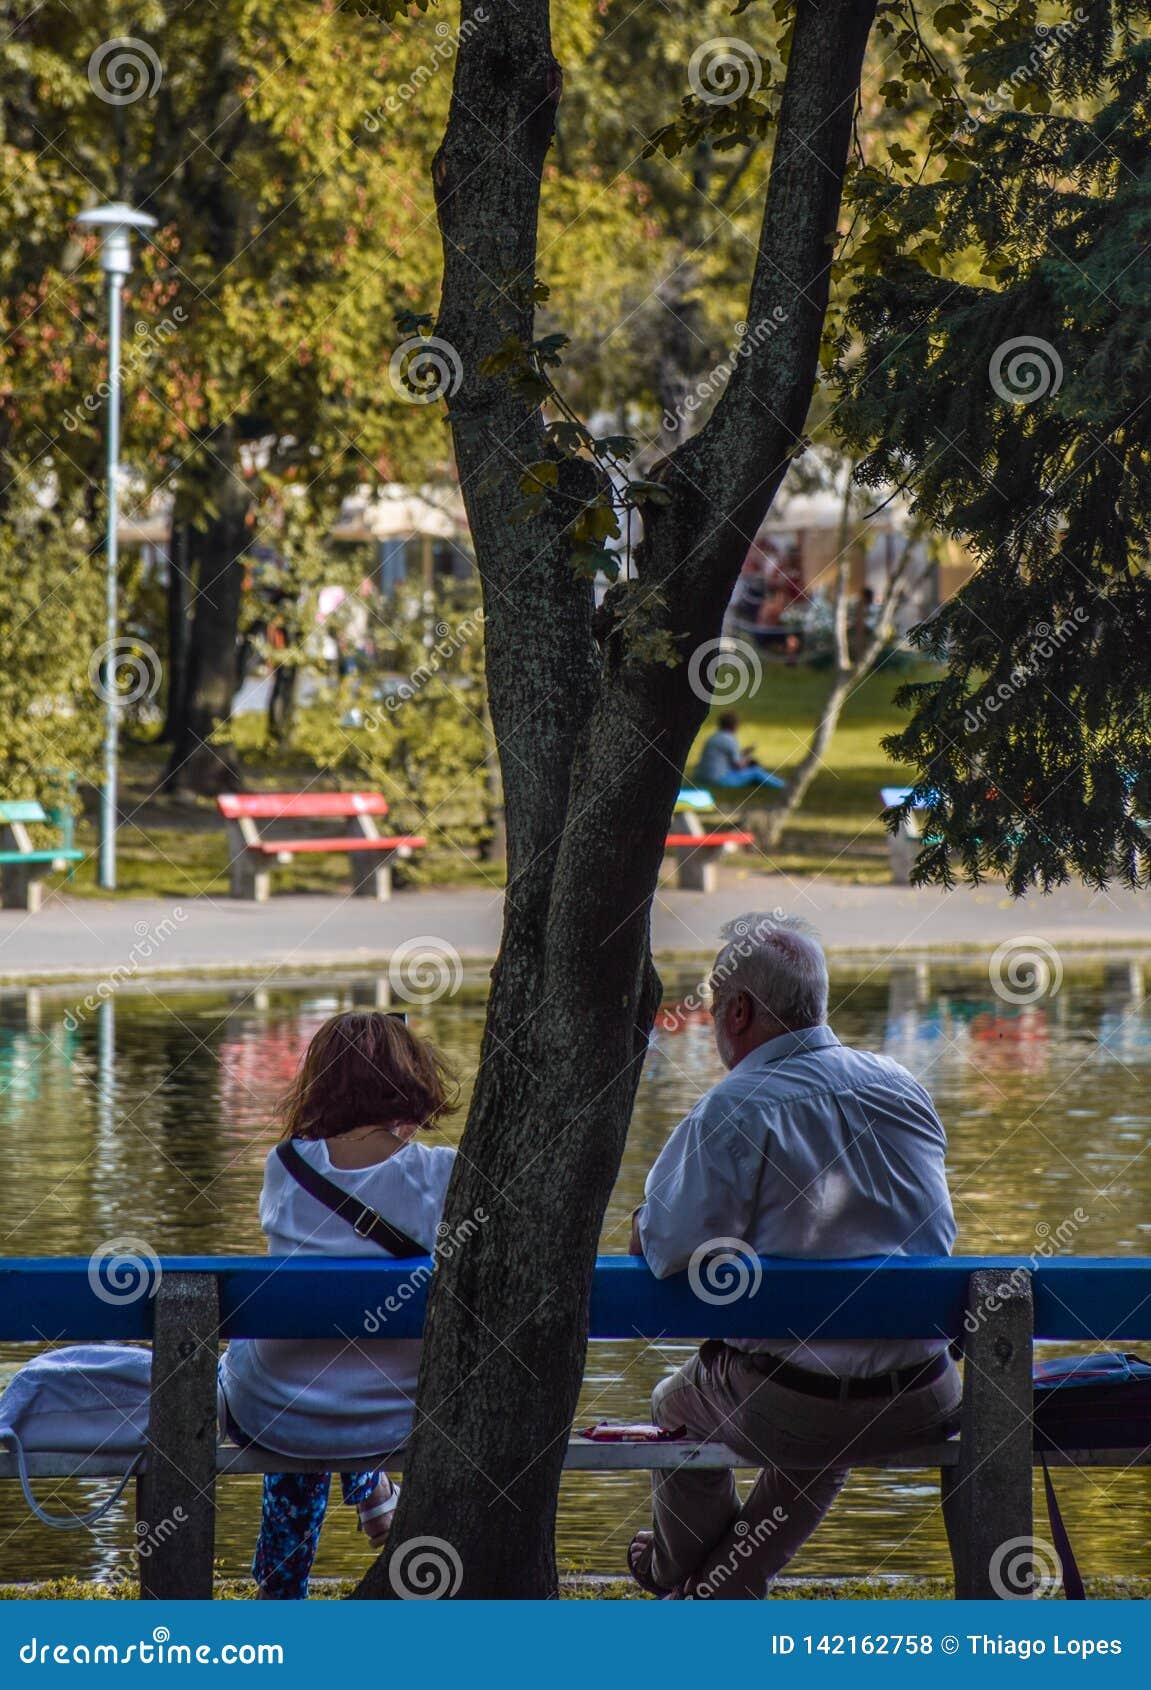 Βουδαπέστη, Ουγγαρία, 13 Σεπτεμβρίου, 2019 - ηλικιωμένο ζεύγος που απολαμβάνει την ημέρα μπροστά από μια λίμνη στο πάρκο varolisg